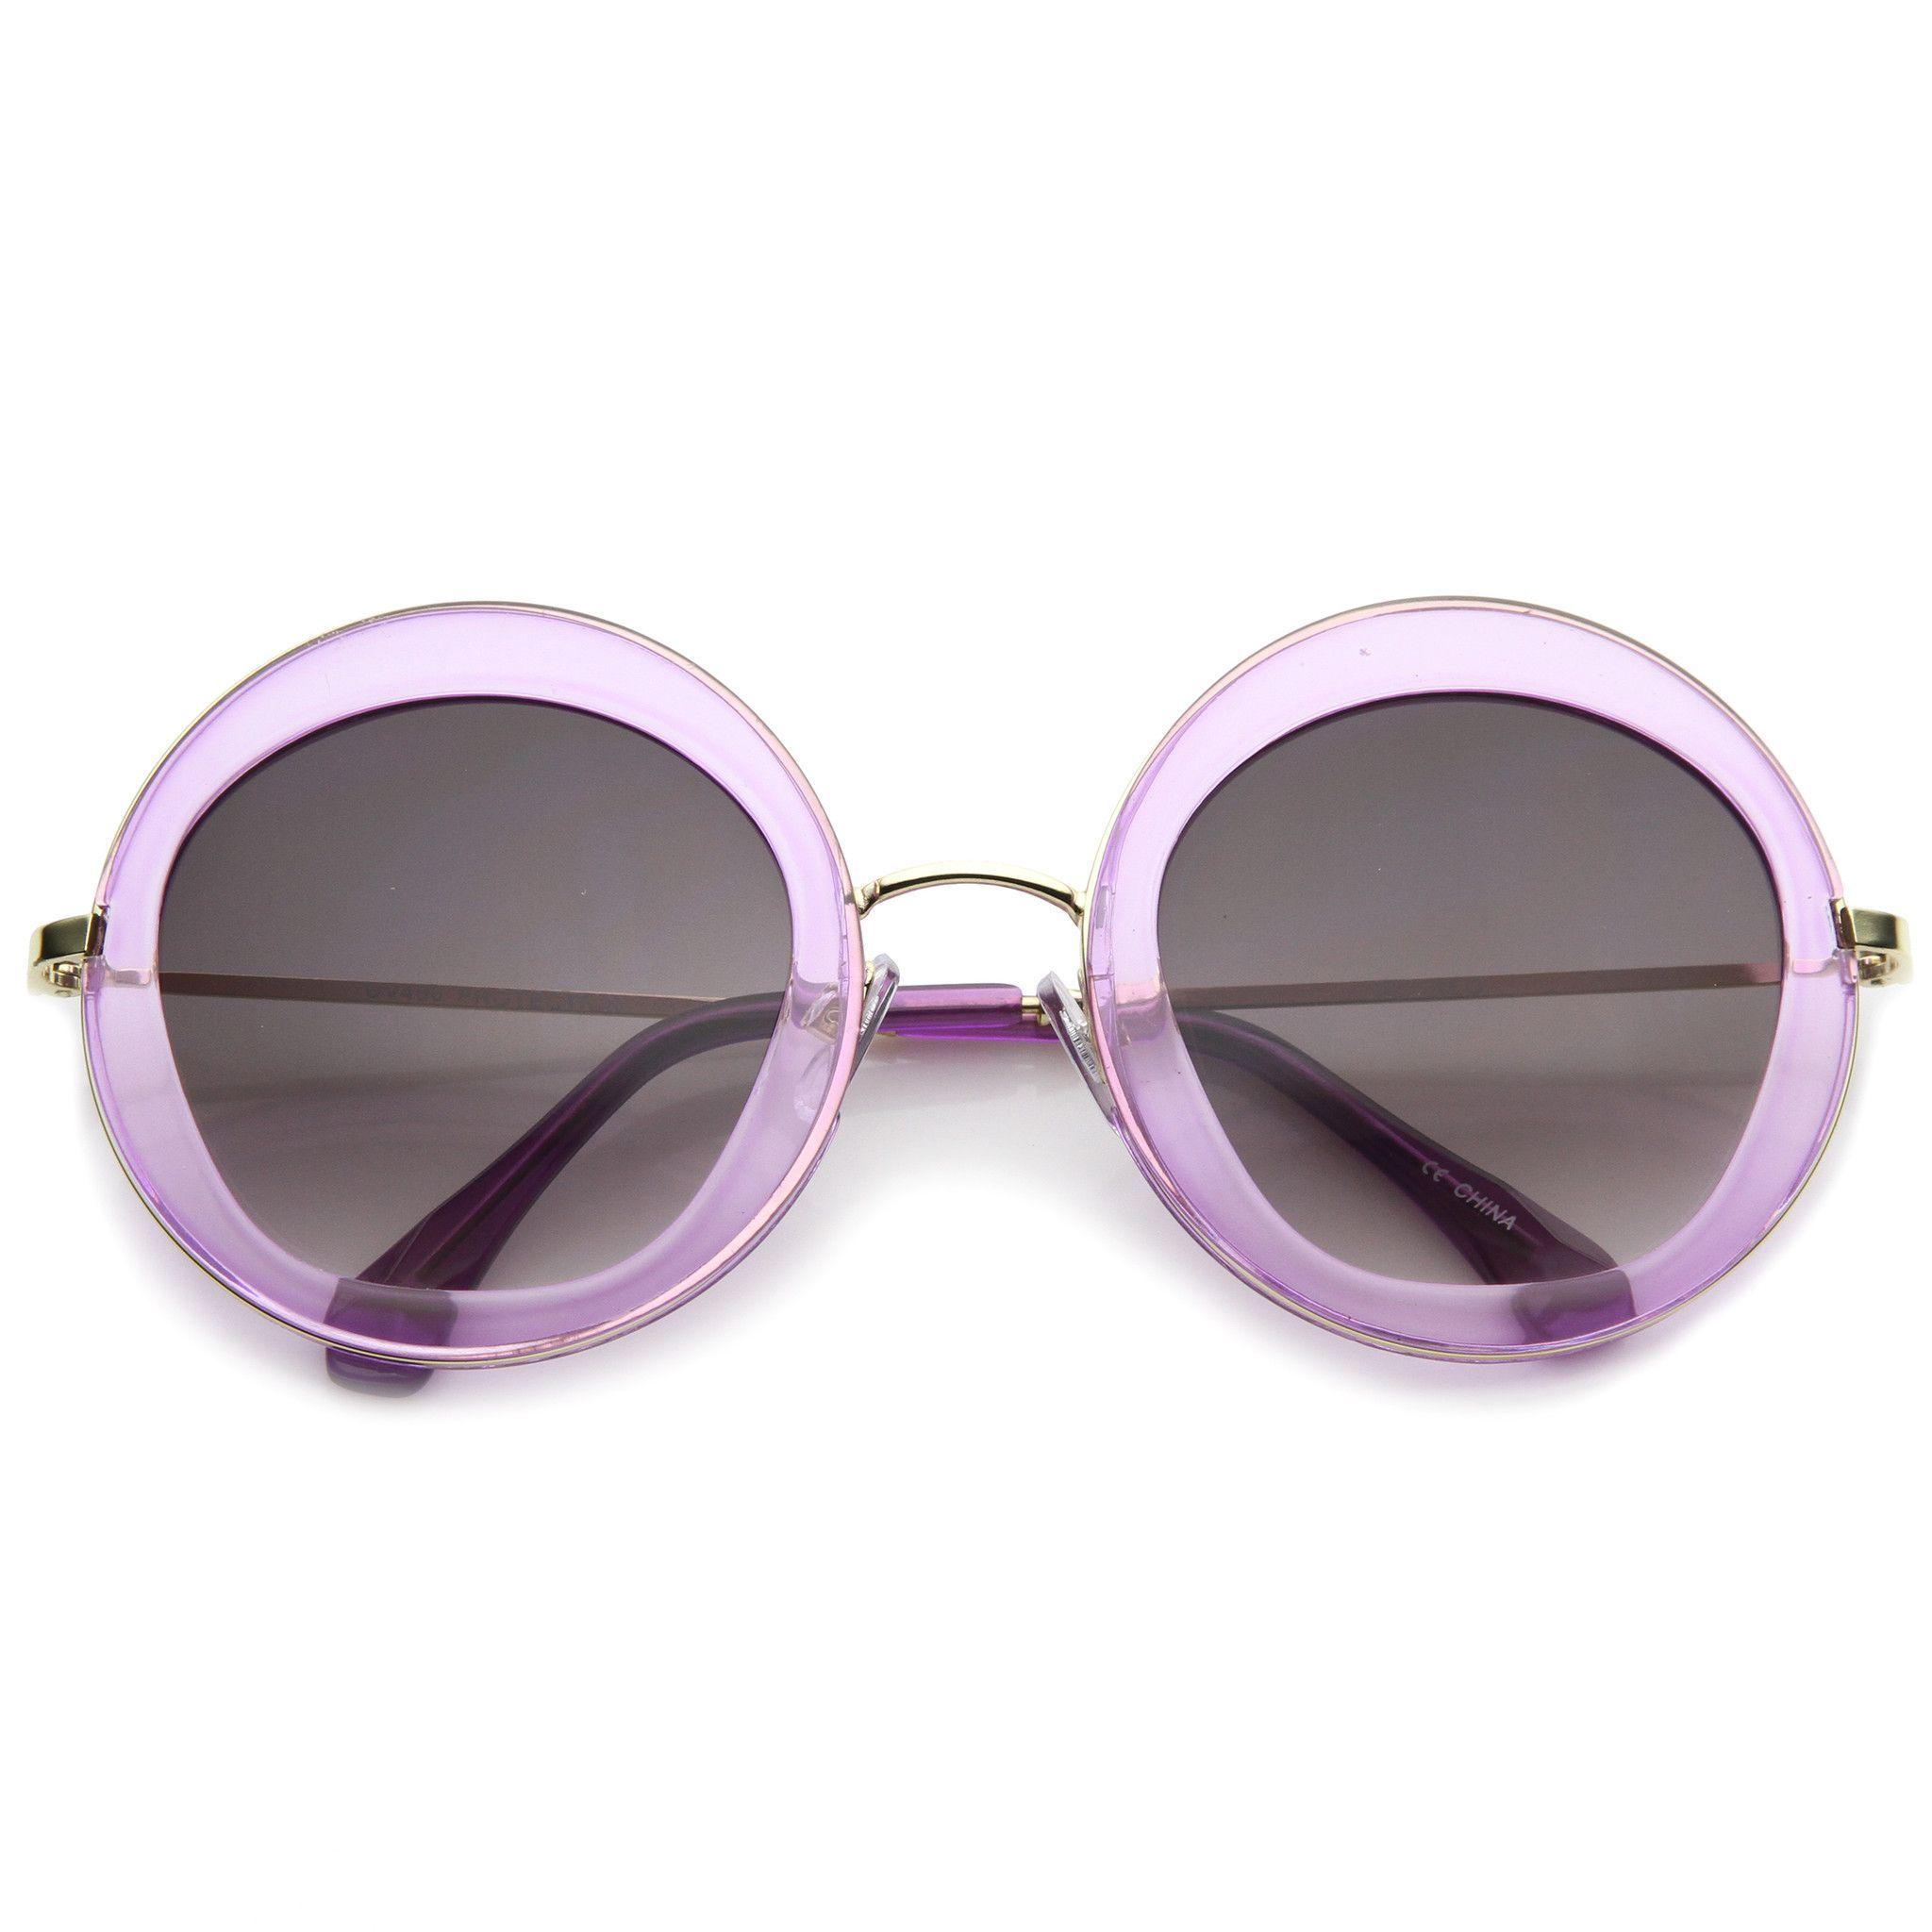 de053bb201 Women s Retro Penta Cut Gradient Lens Sunglasses A135